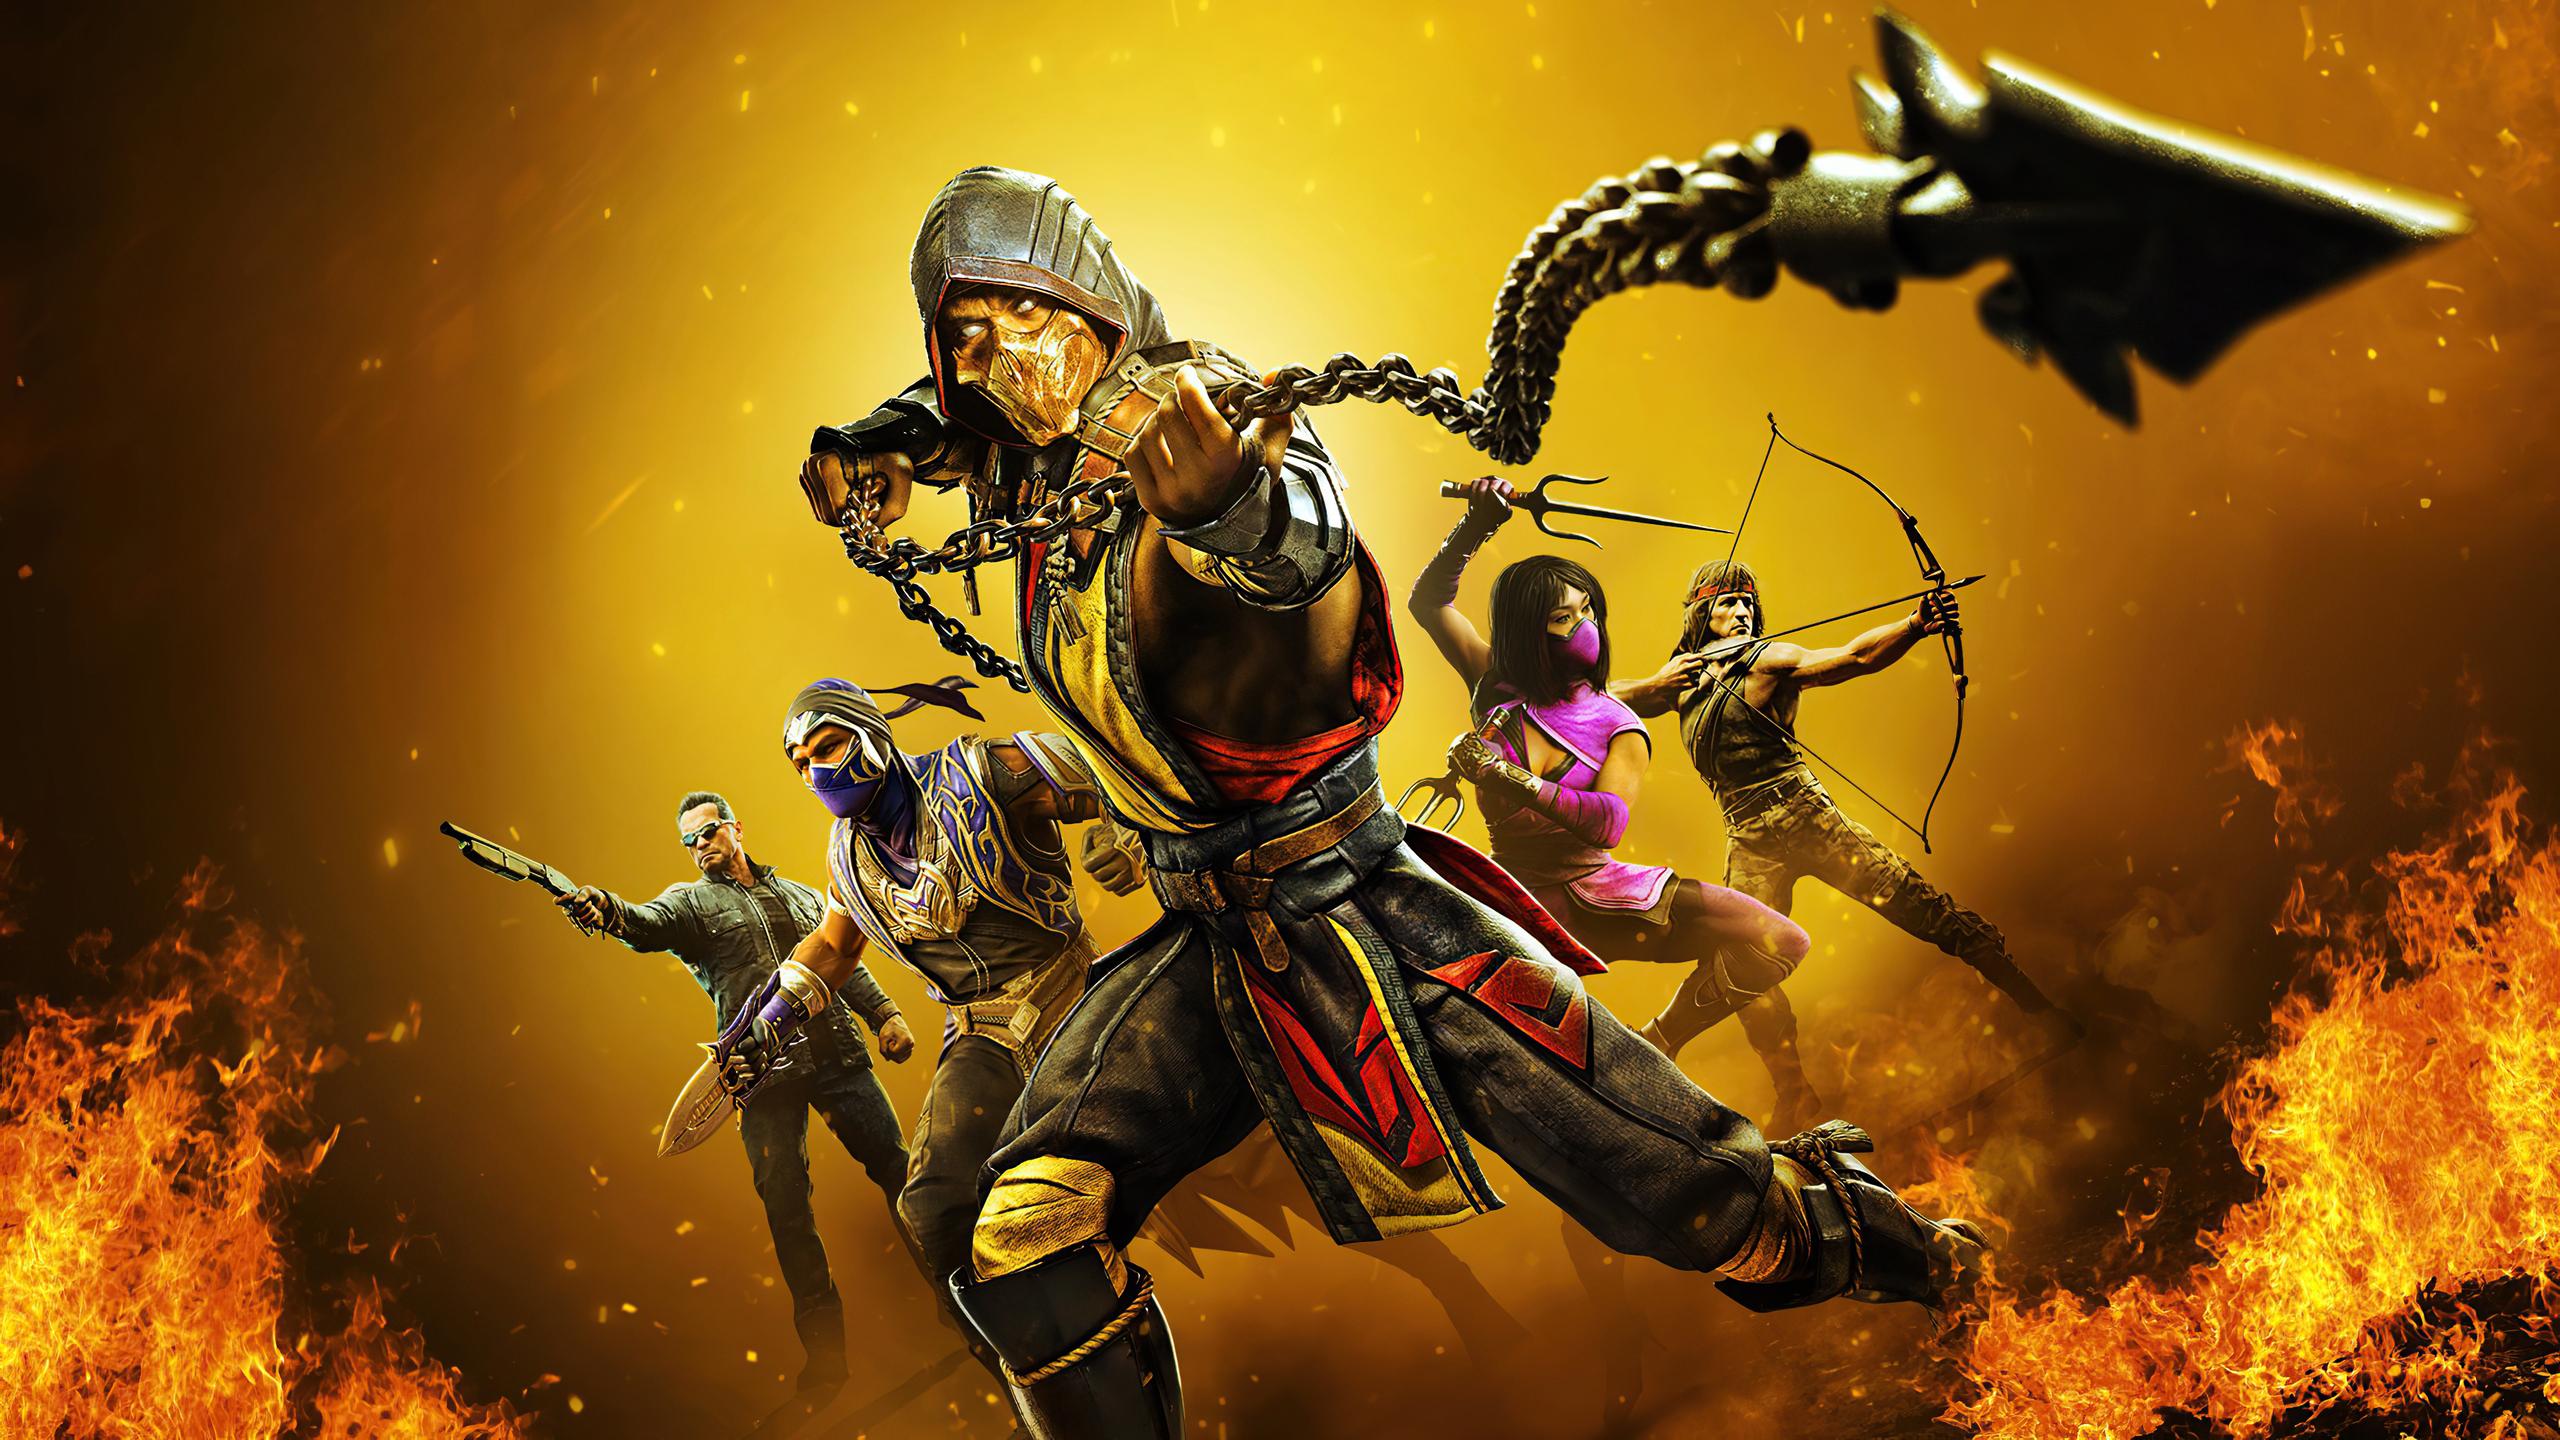 2560x1440 2020 Mortal Kombat 11 4k 1440P Resolution HD 4k ...